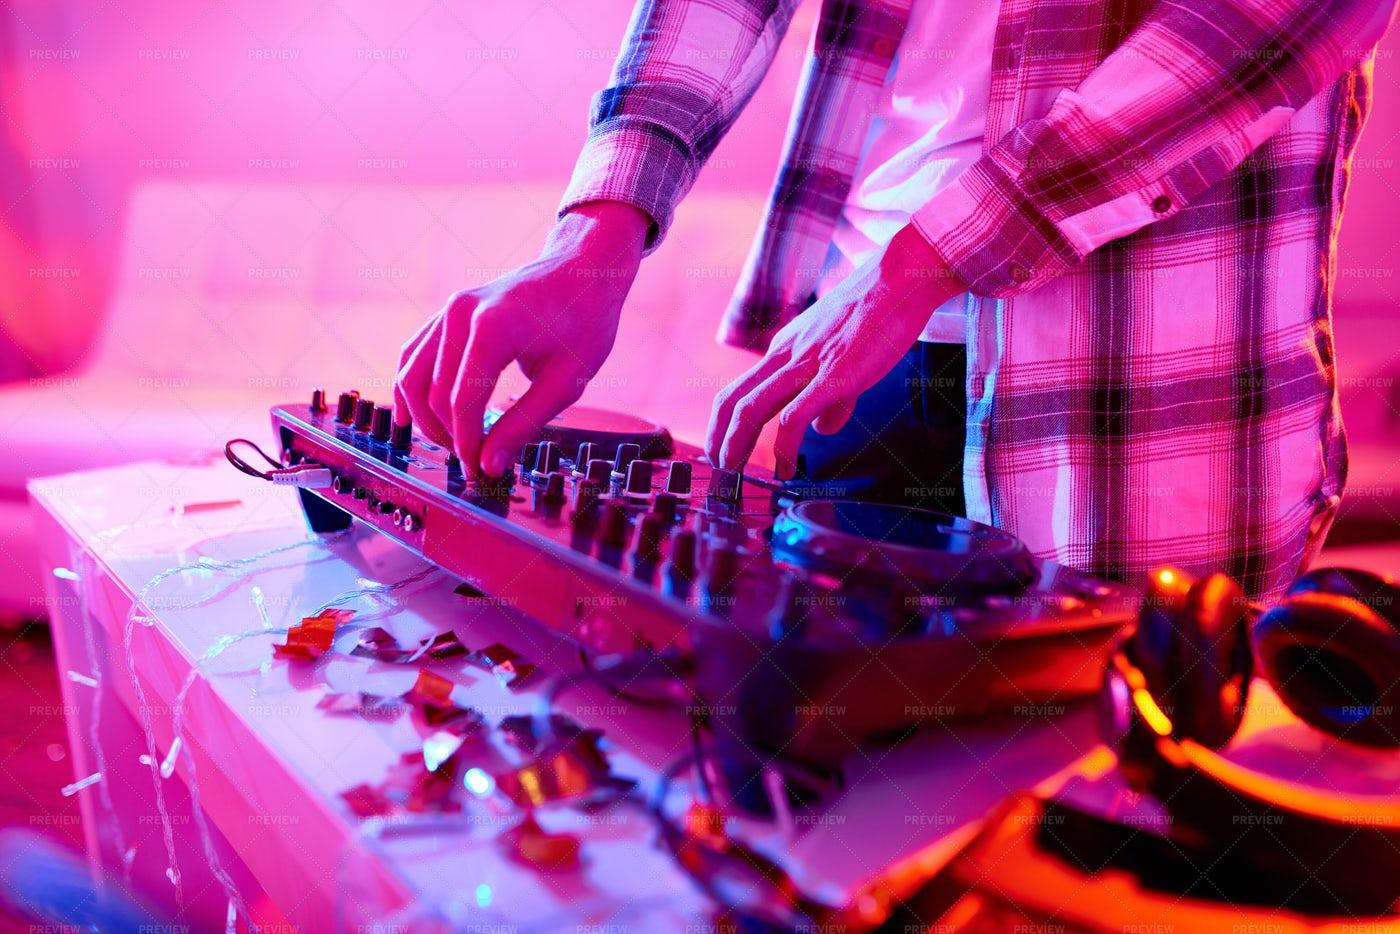 Crop DJ Playing Music On Mixer: Stock Photos